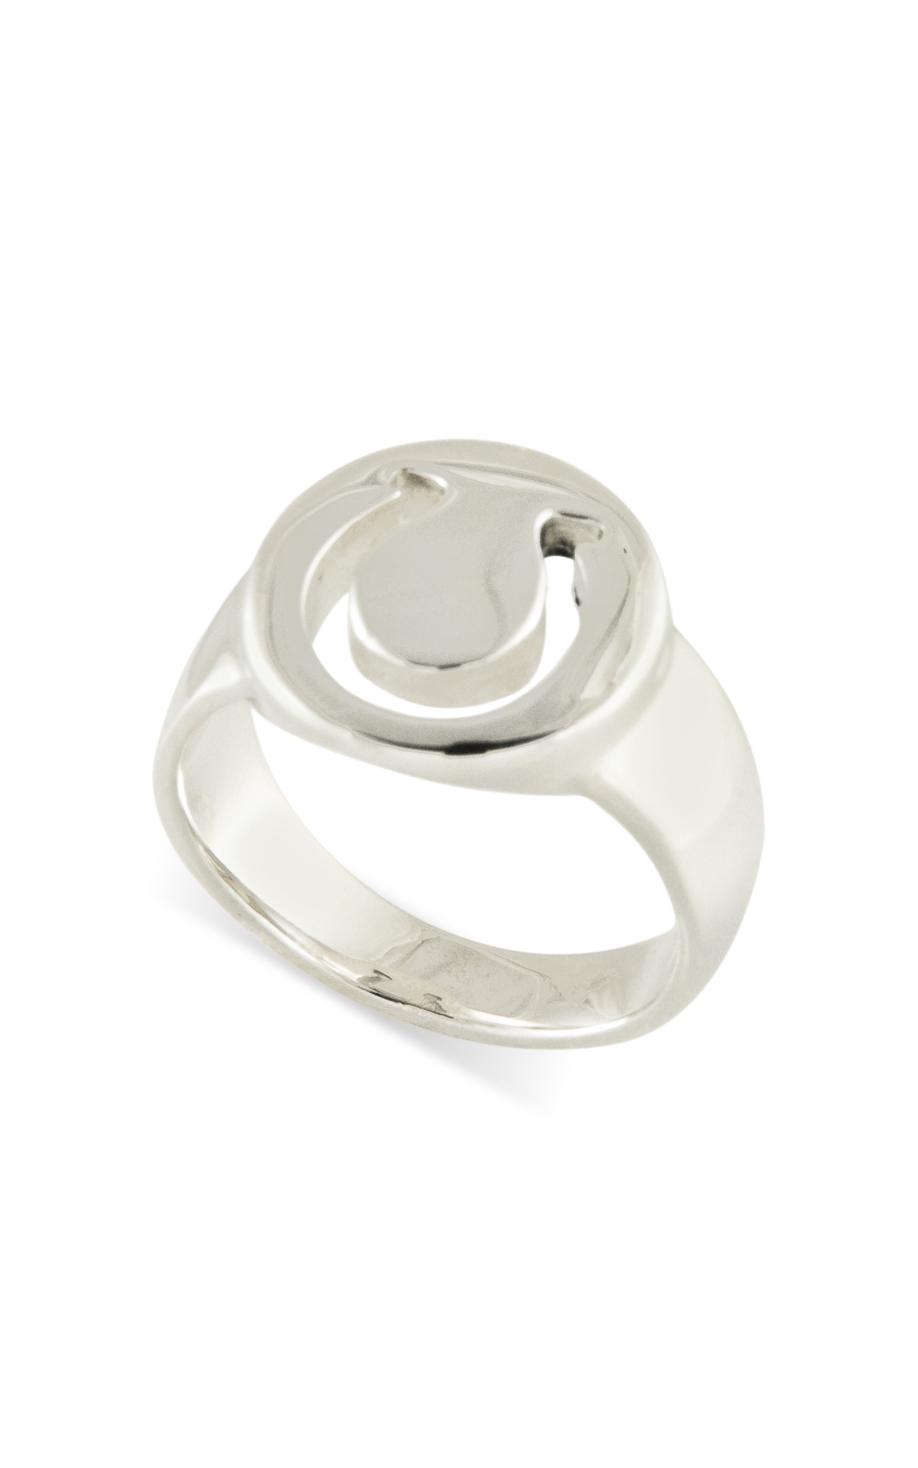 Zina TokenZ Fashion Ring Z61 product image